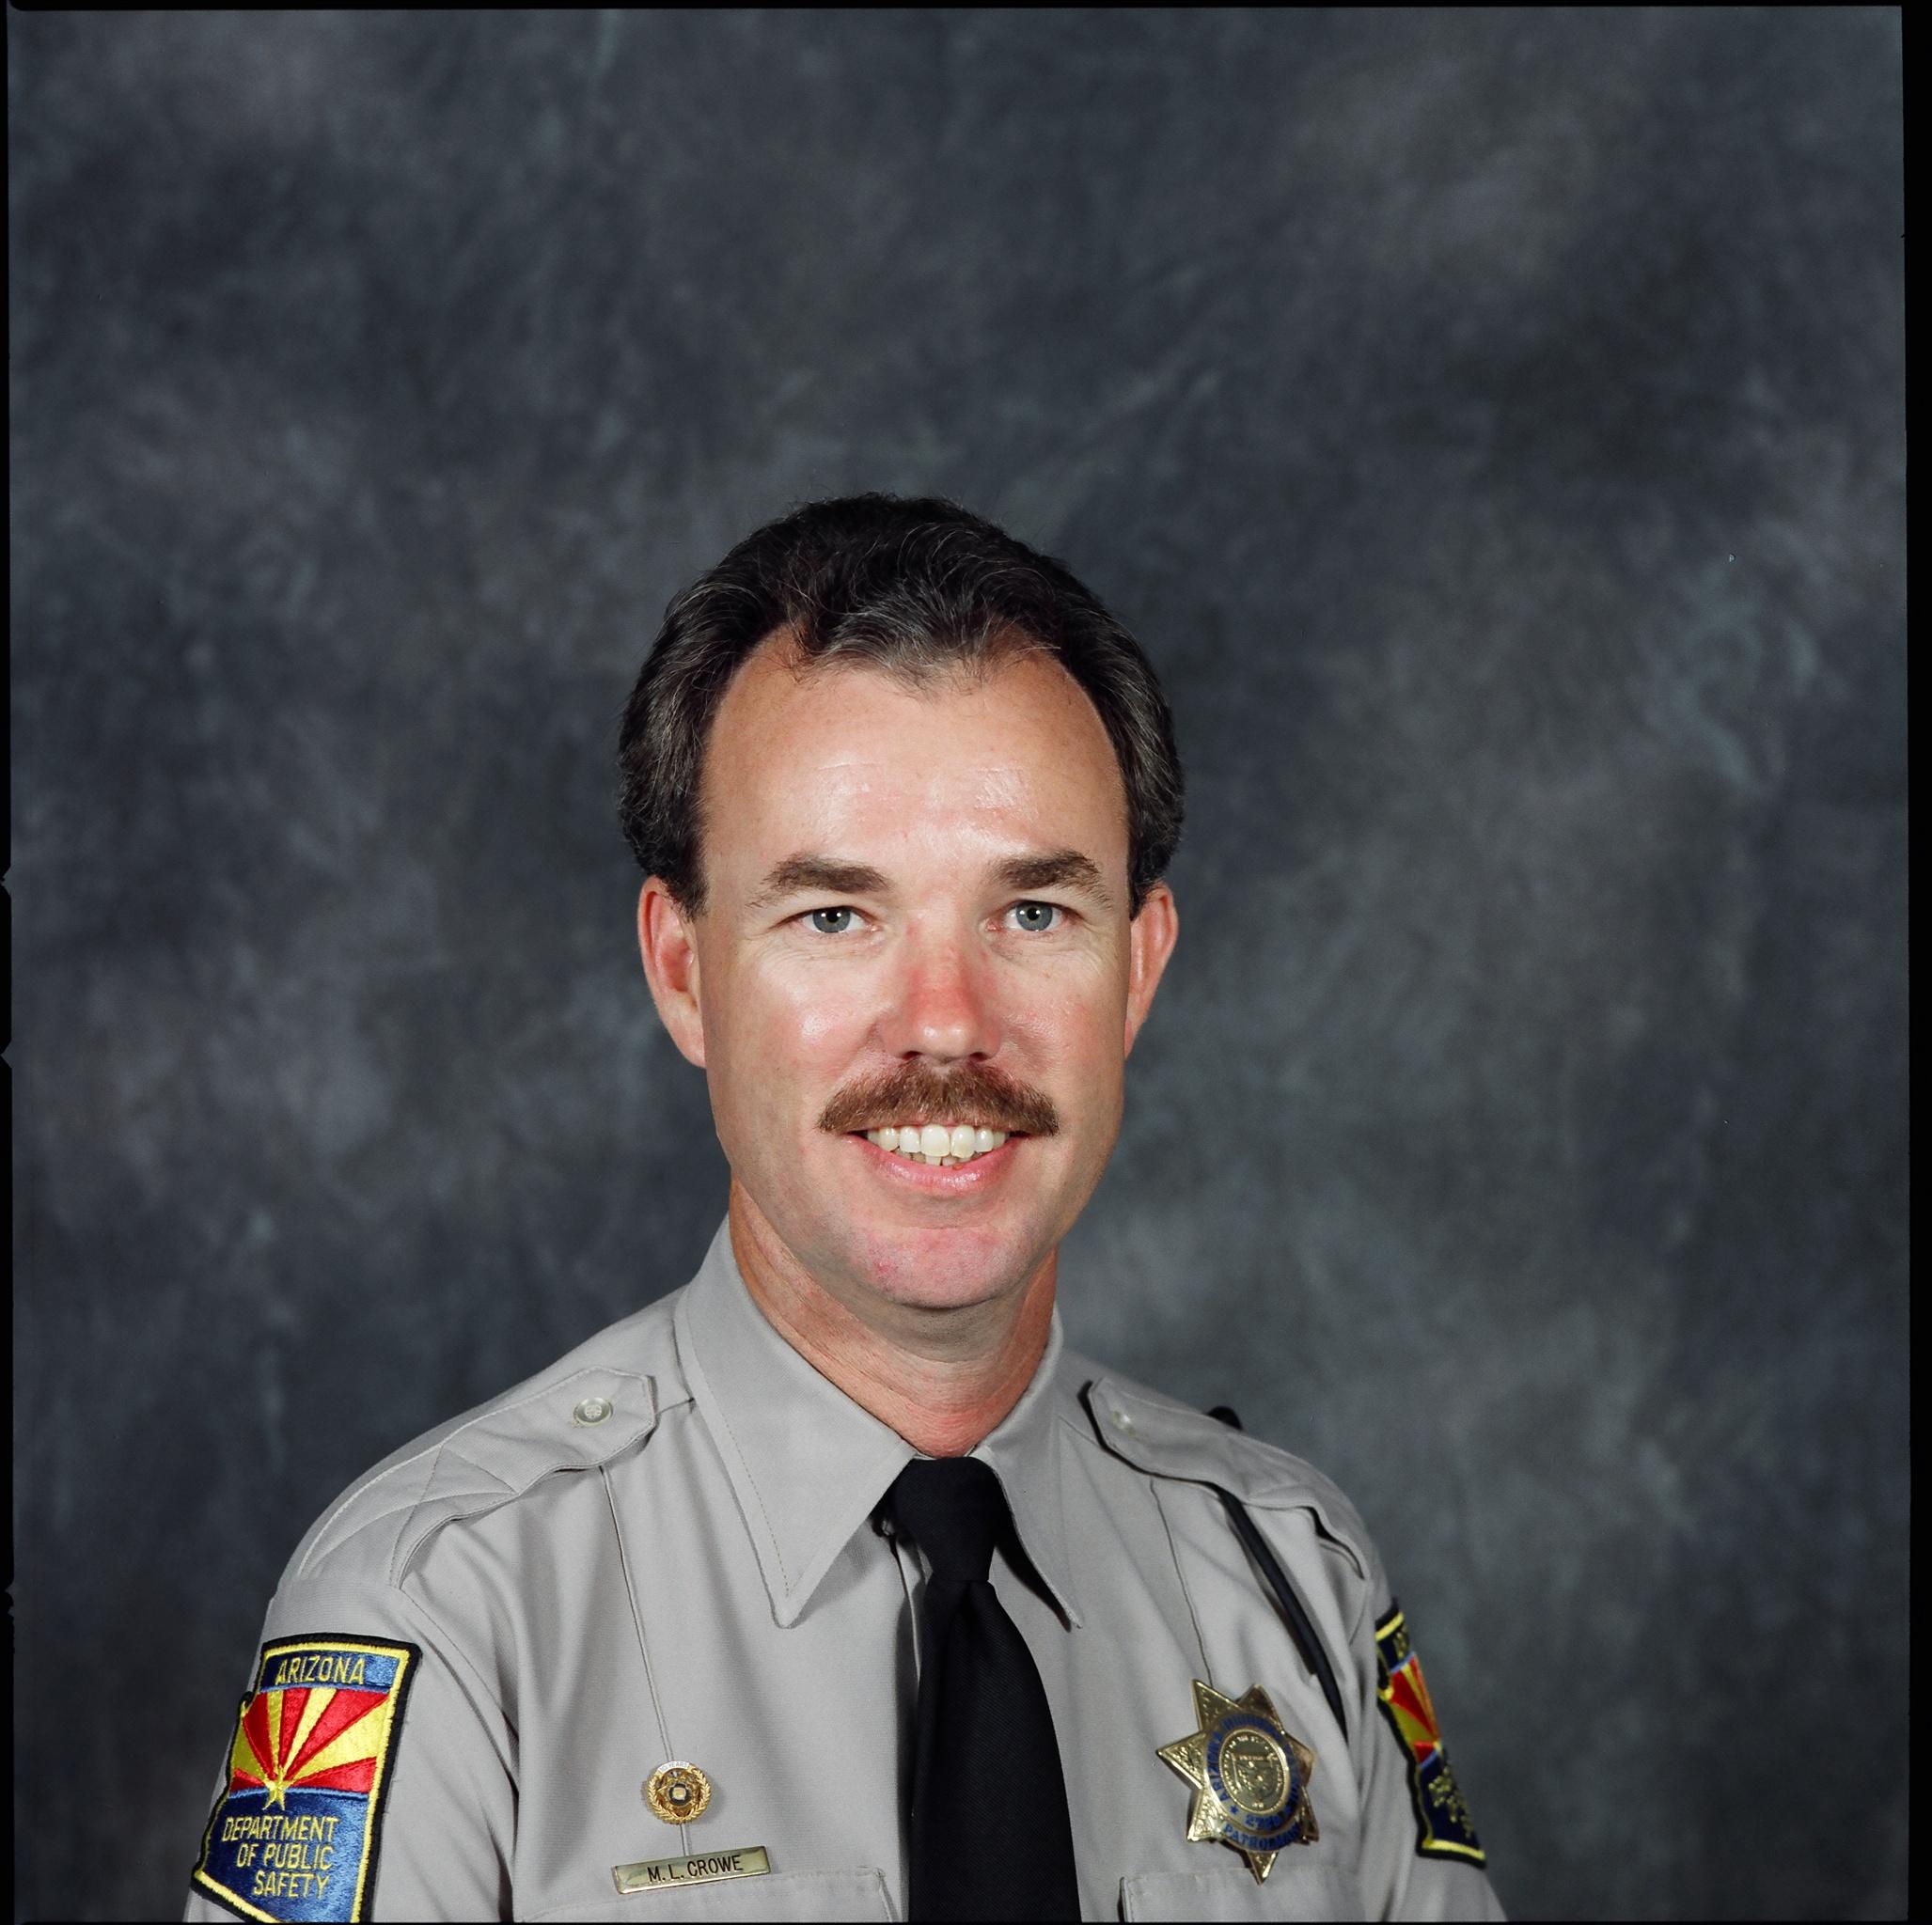 Sgt. Michael L. Crowe